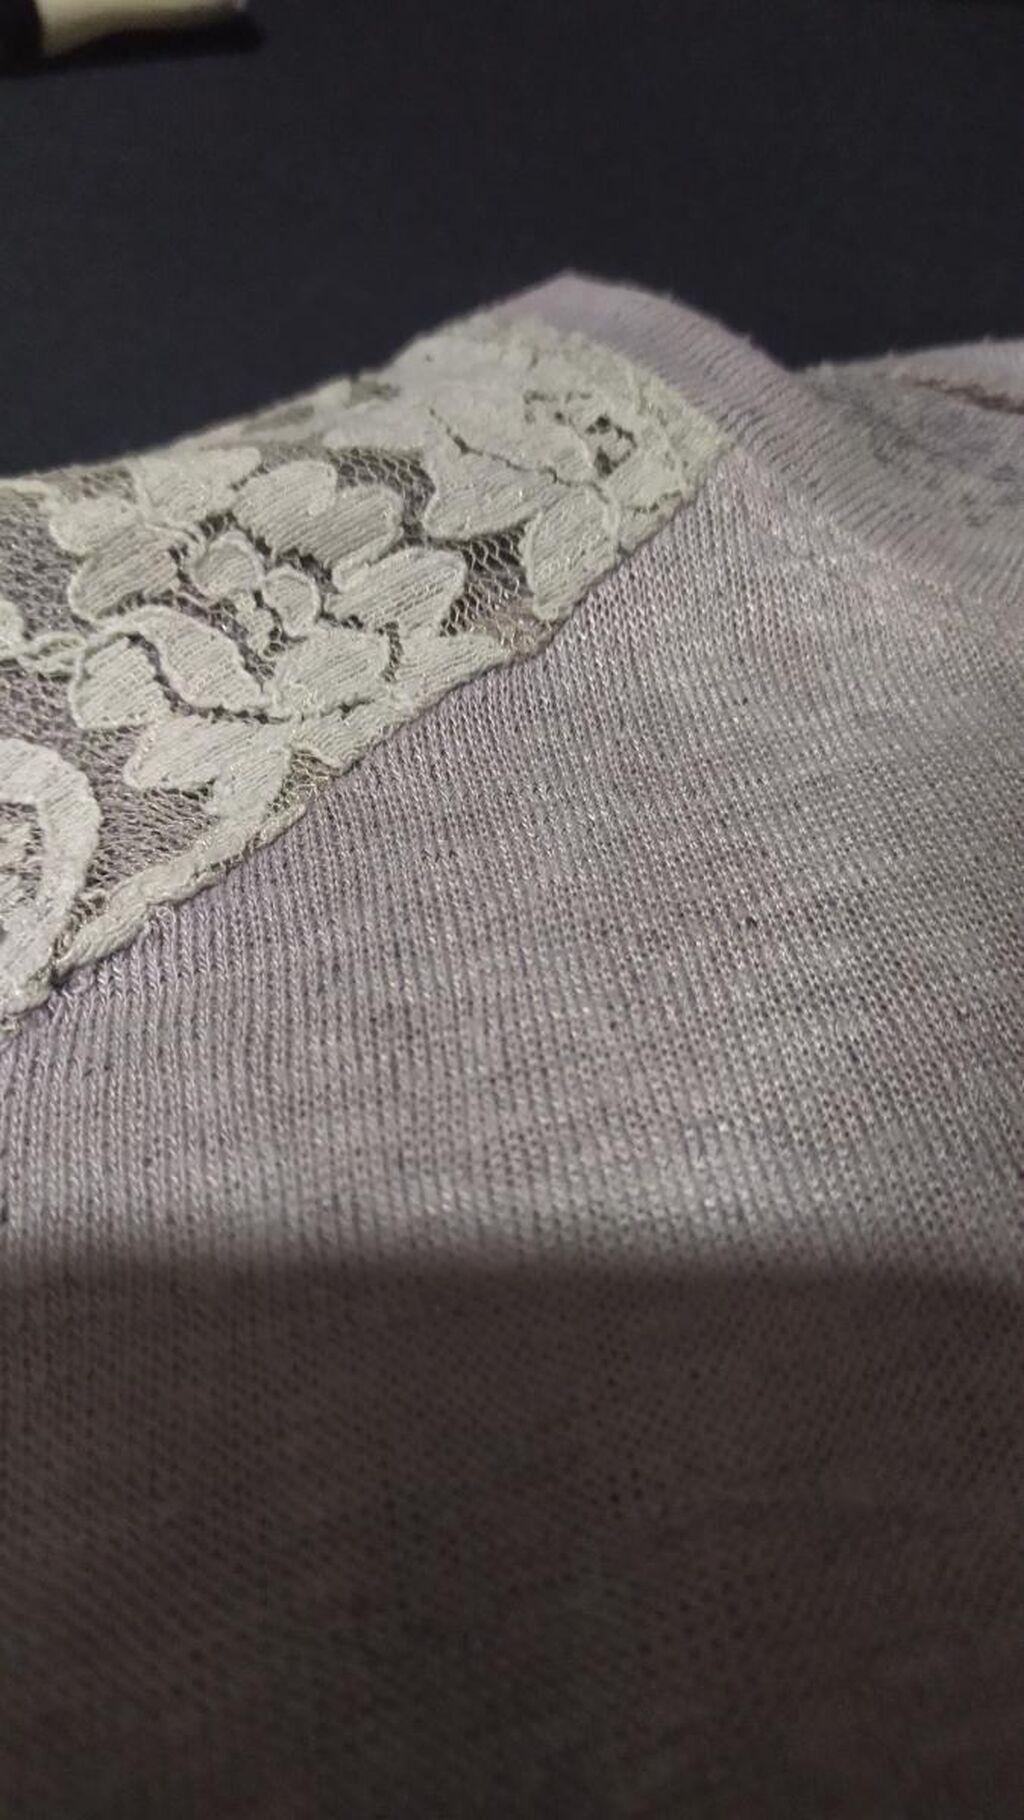 Zenska majica M velicina. Kao Nova bez ikakvih ostecenja